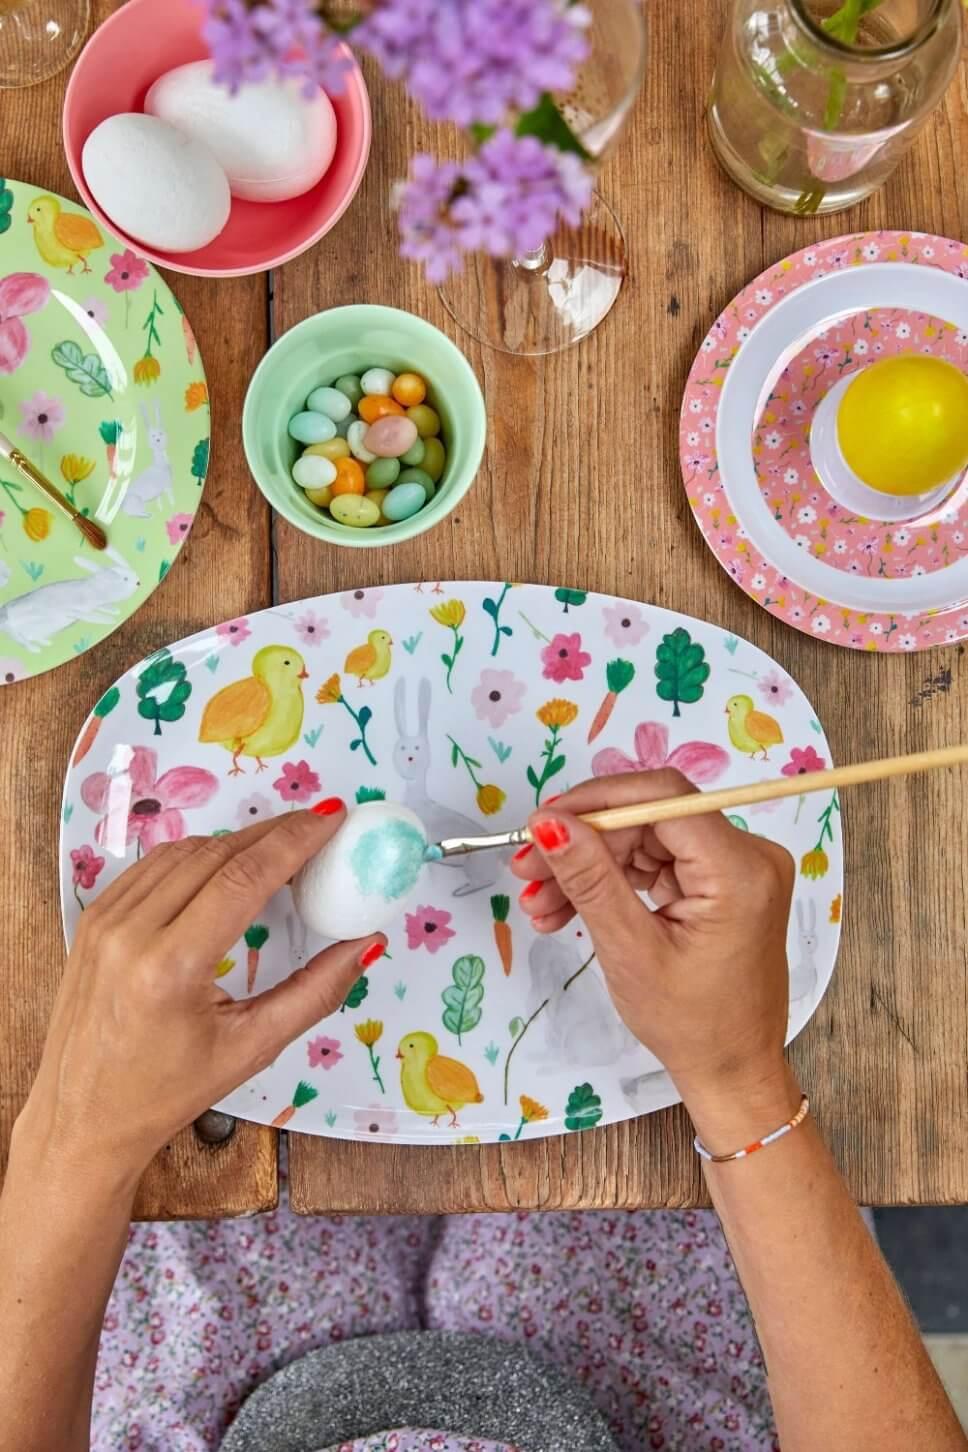 Frau bemalt Ei an österlich dekoriertem Tisch mit buntem Geschirr